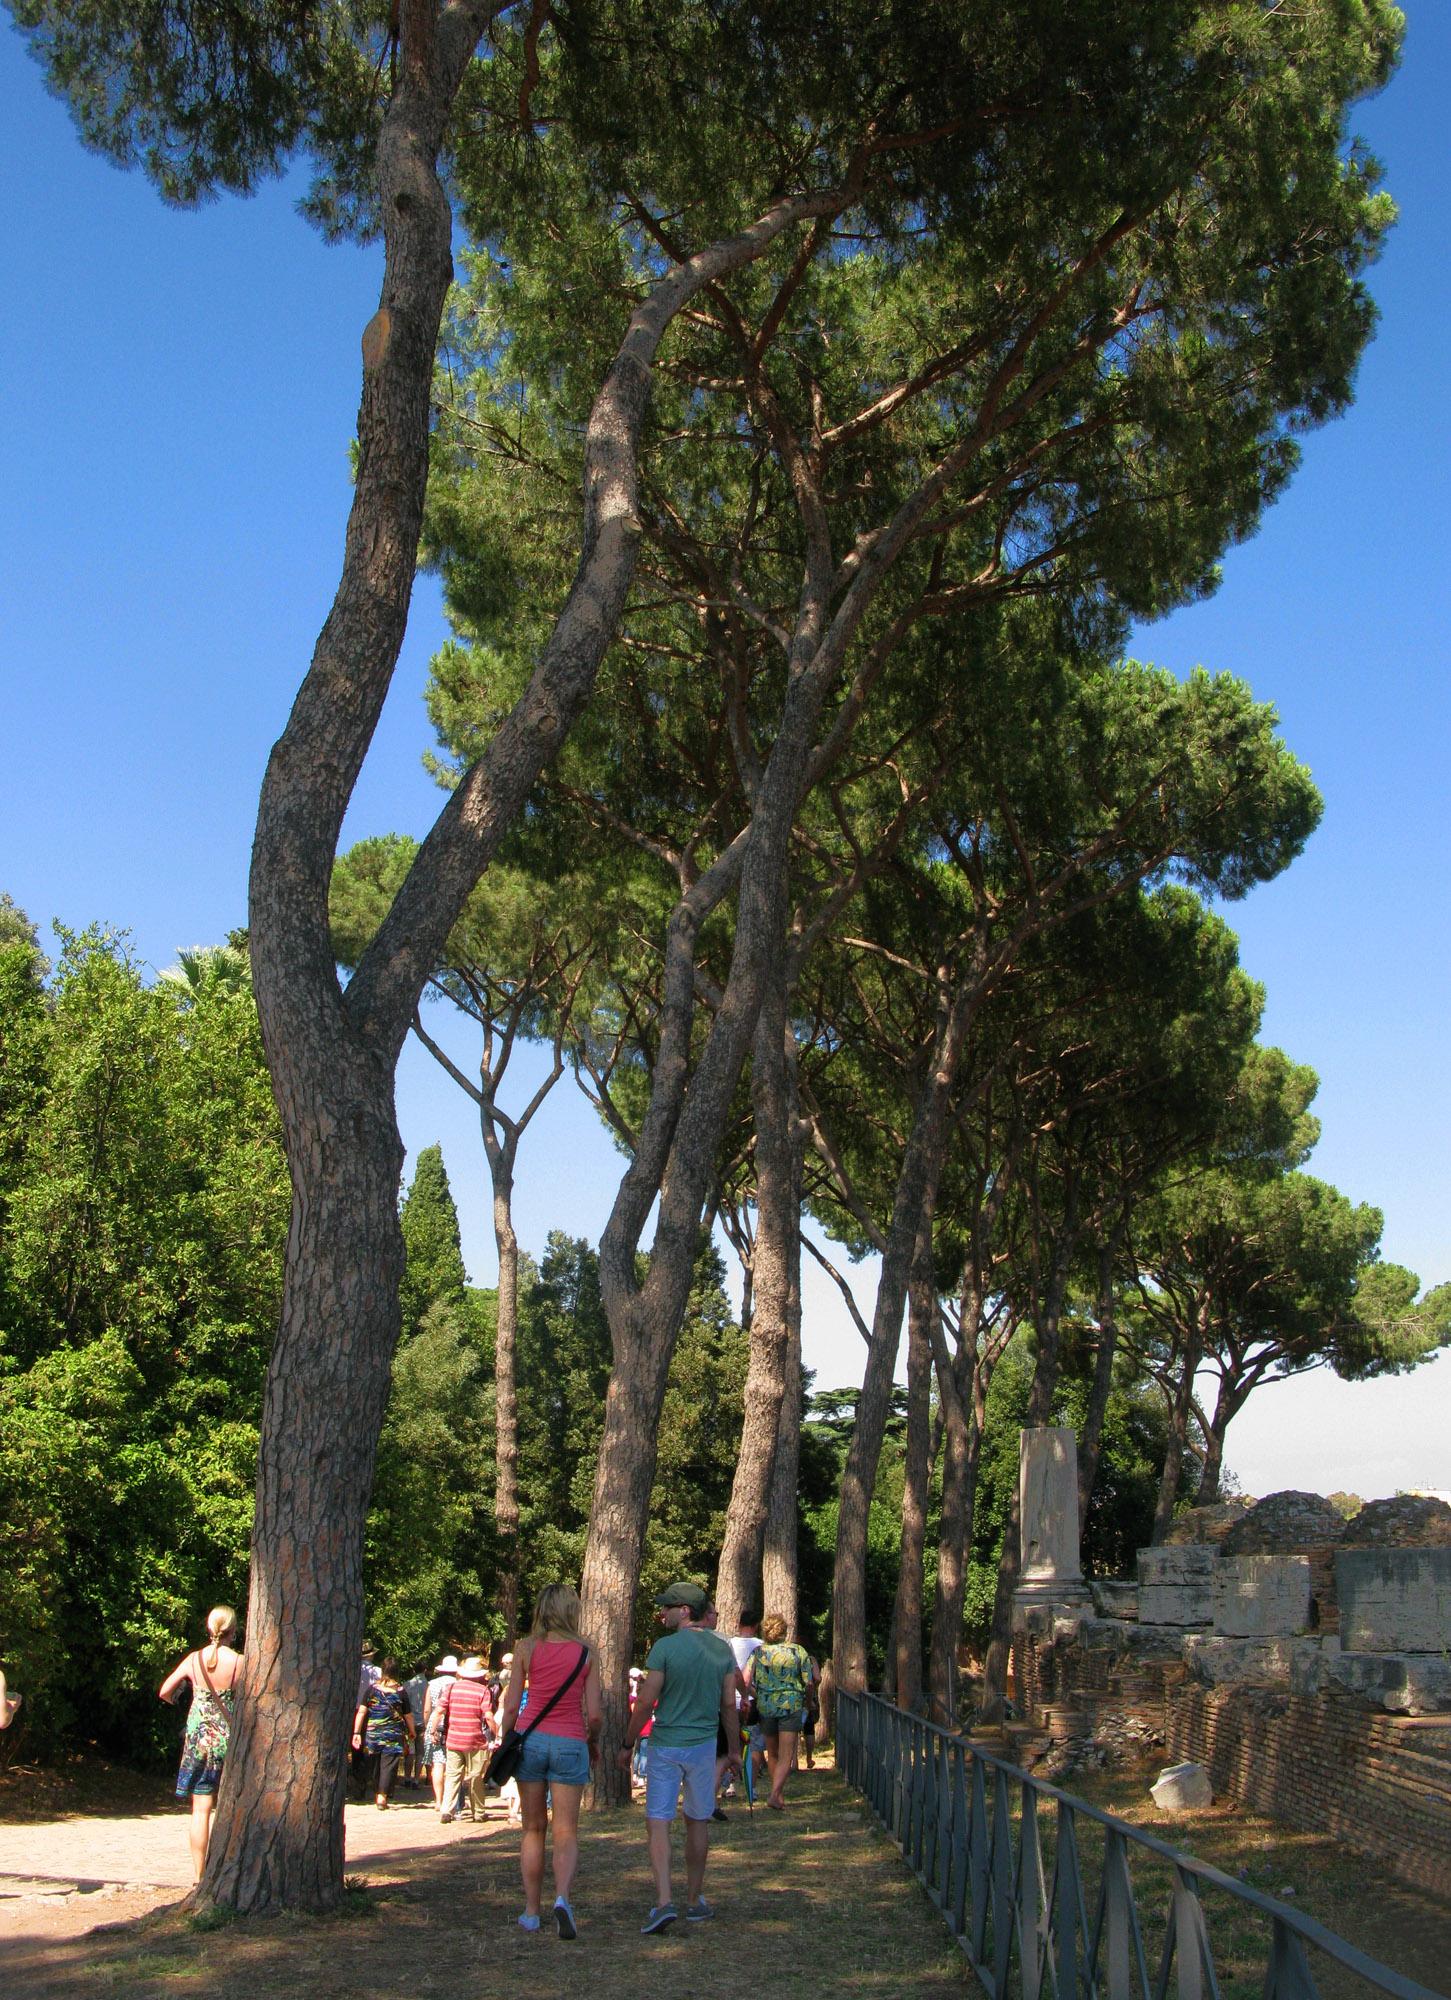 Palatine Hill Stone Pines